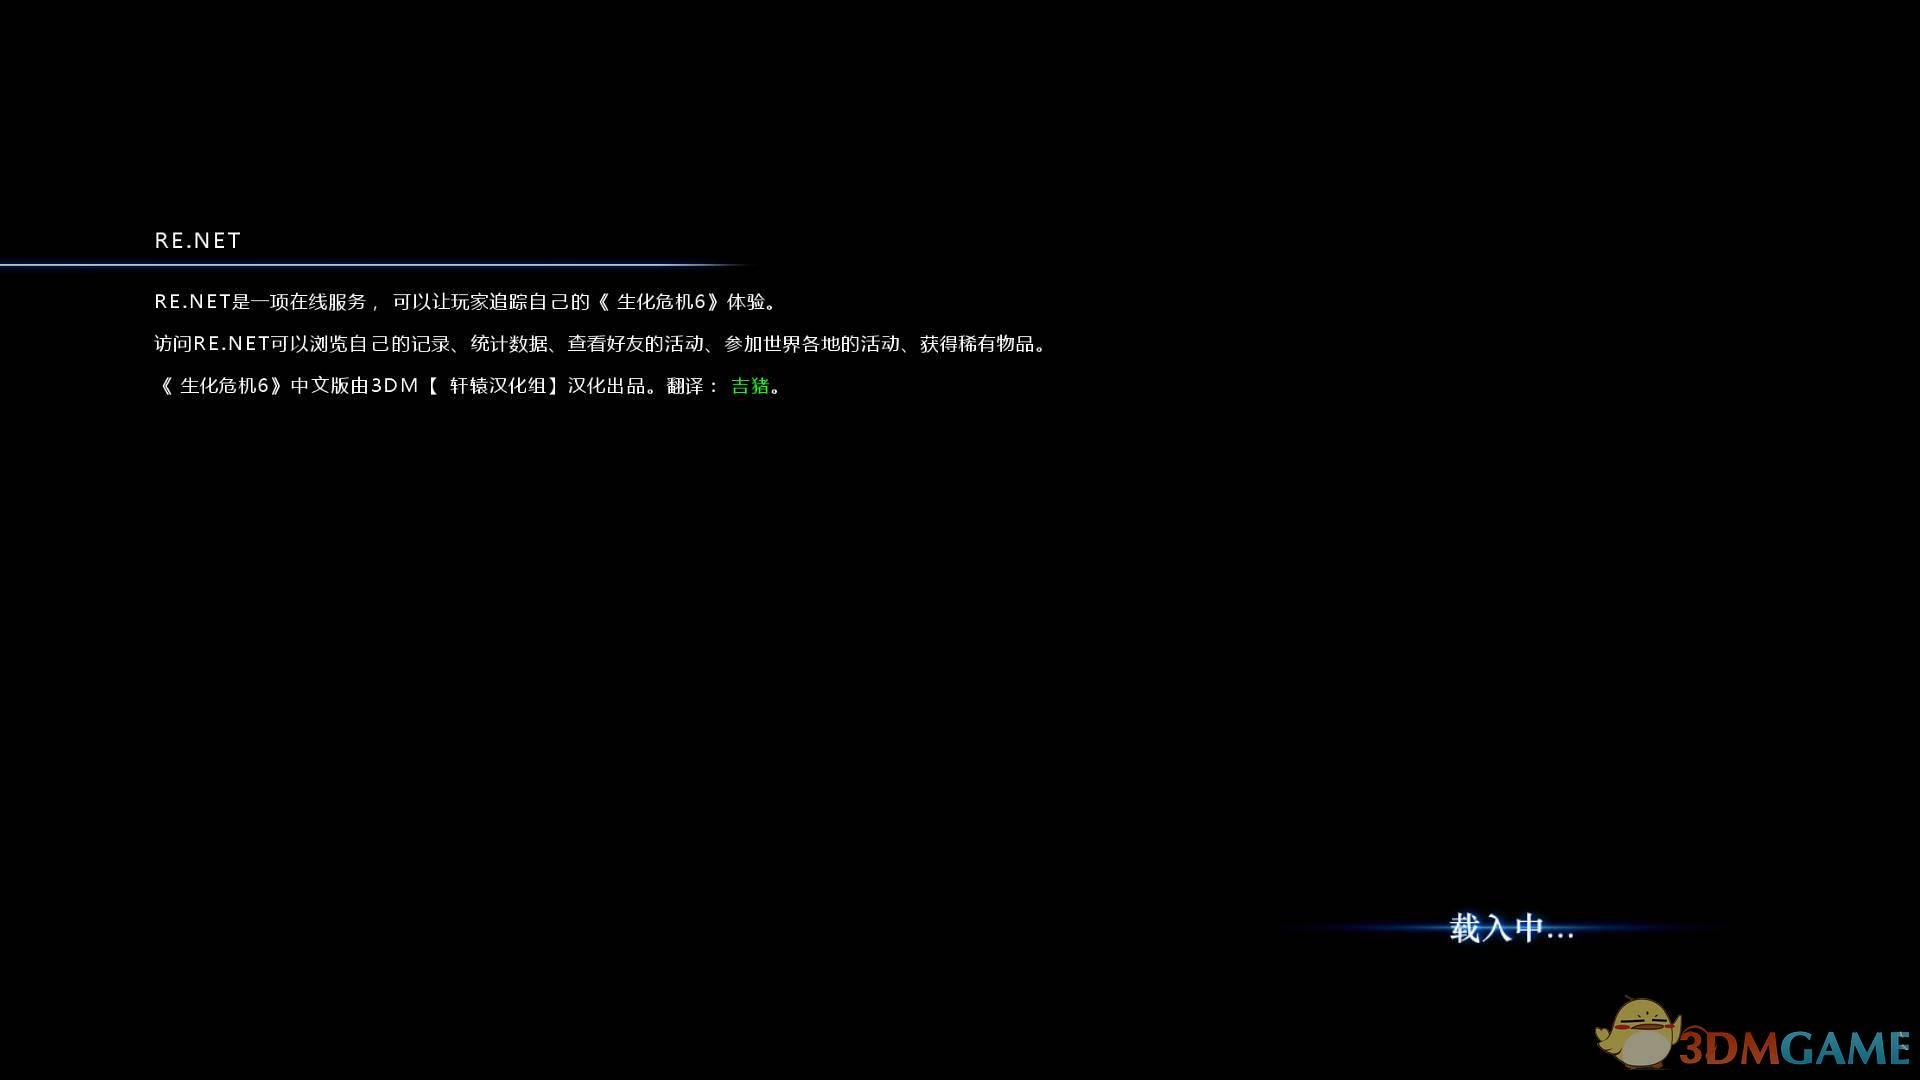 生化危机6 v1.0.5.153升级档+破解补丁[3DM]